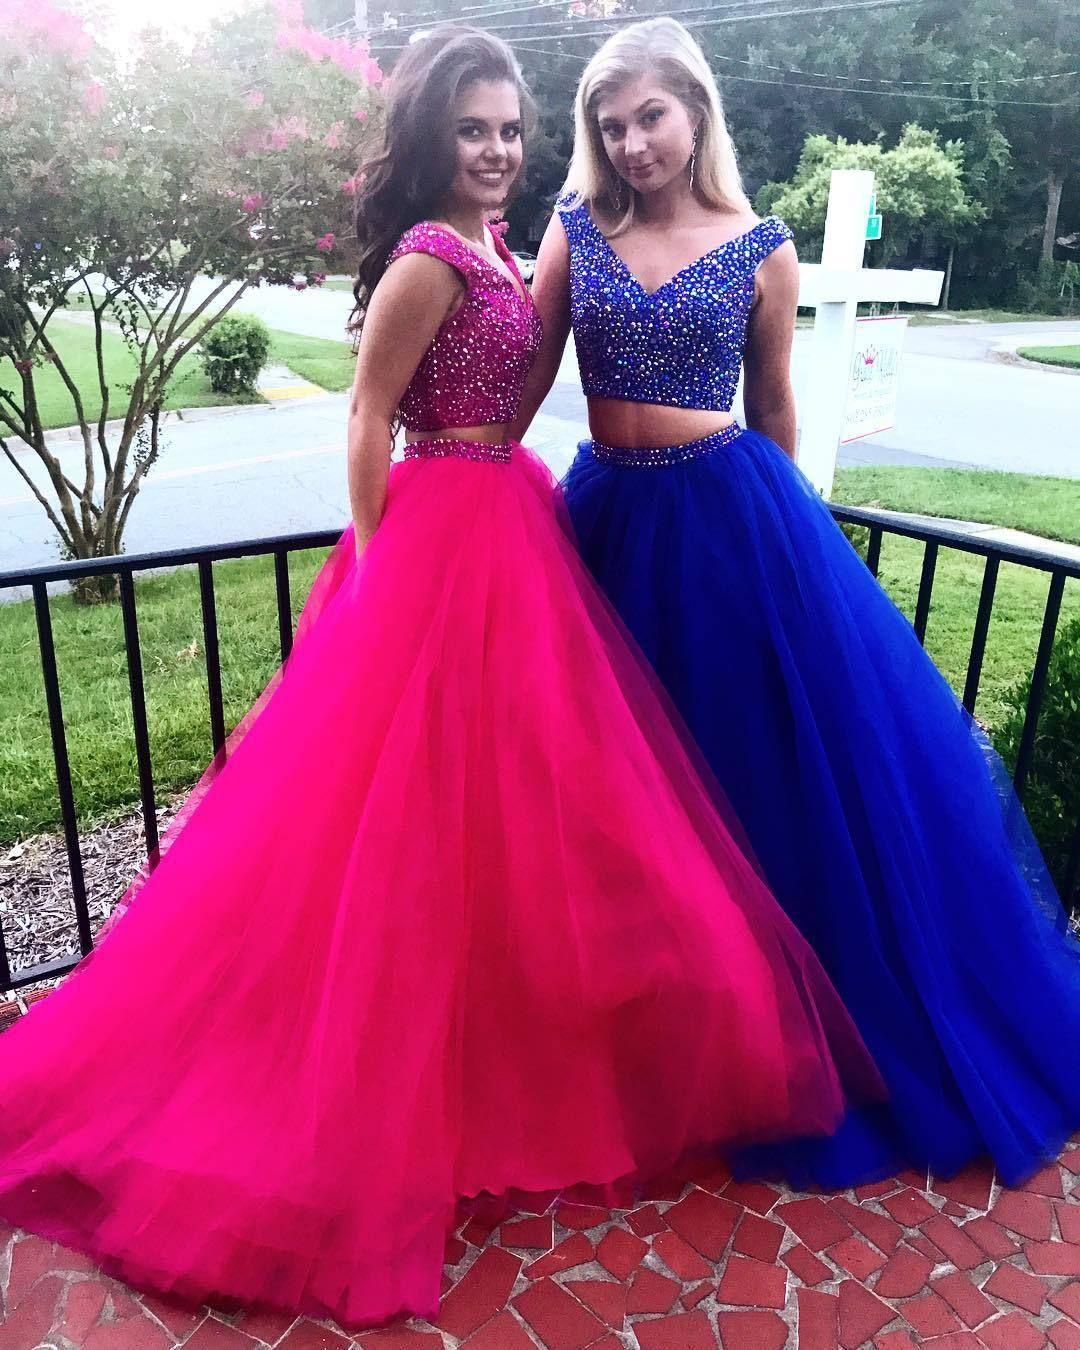 V neck prom dresslong sleeveless prom dressteens prom dress